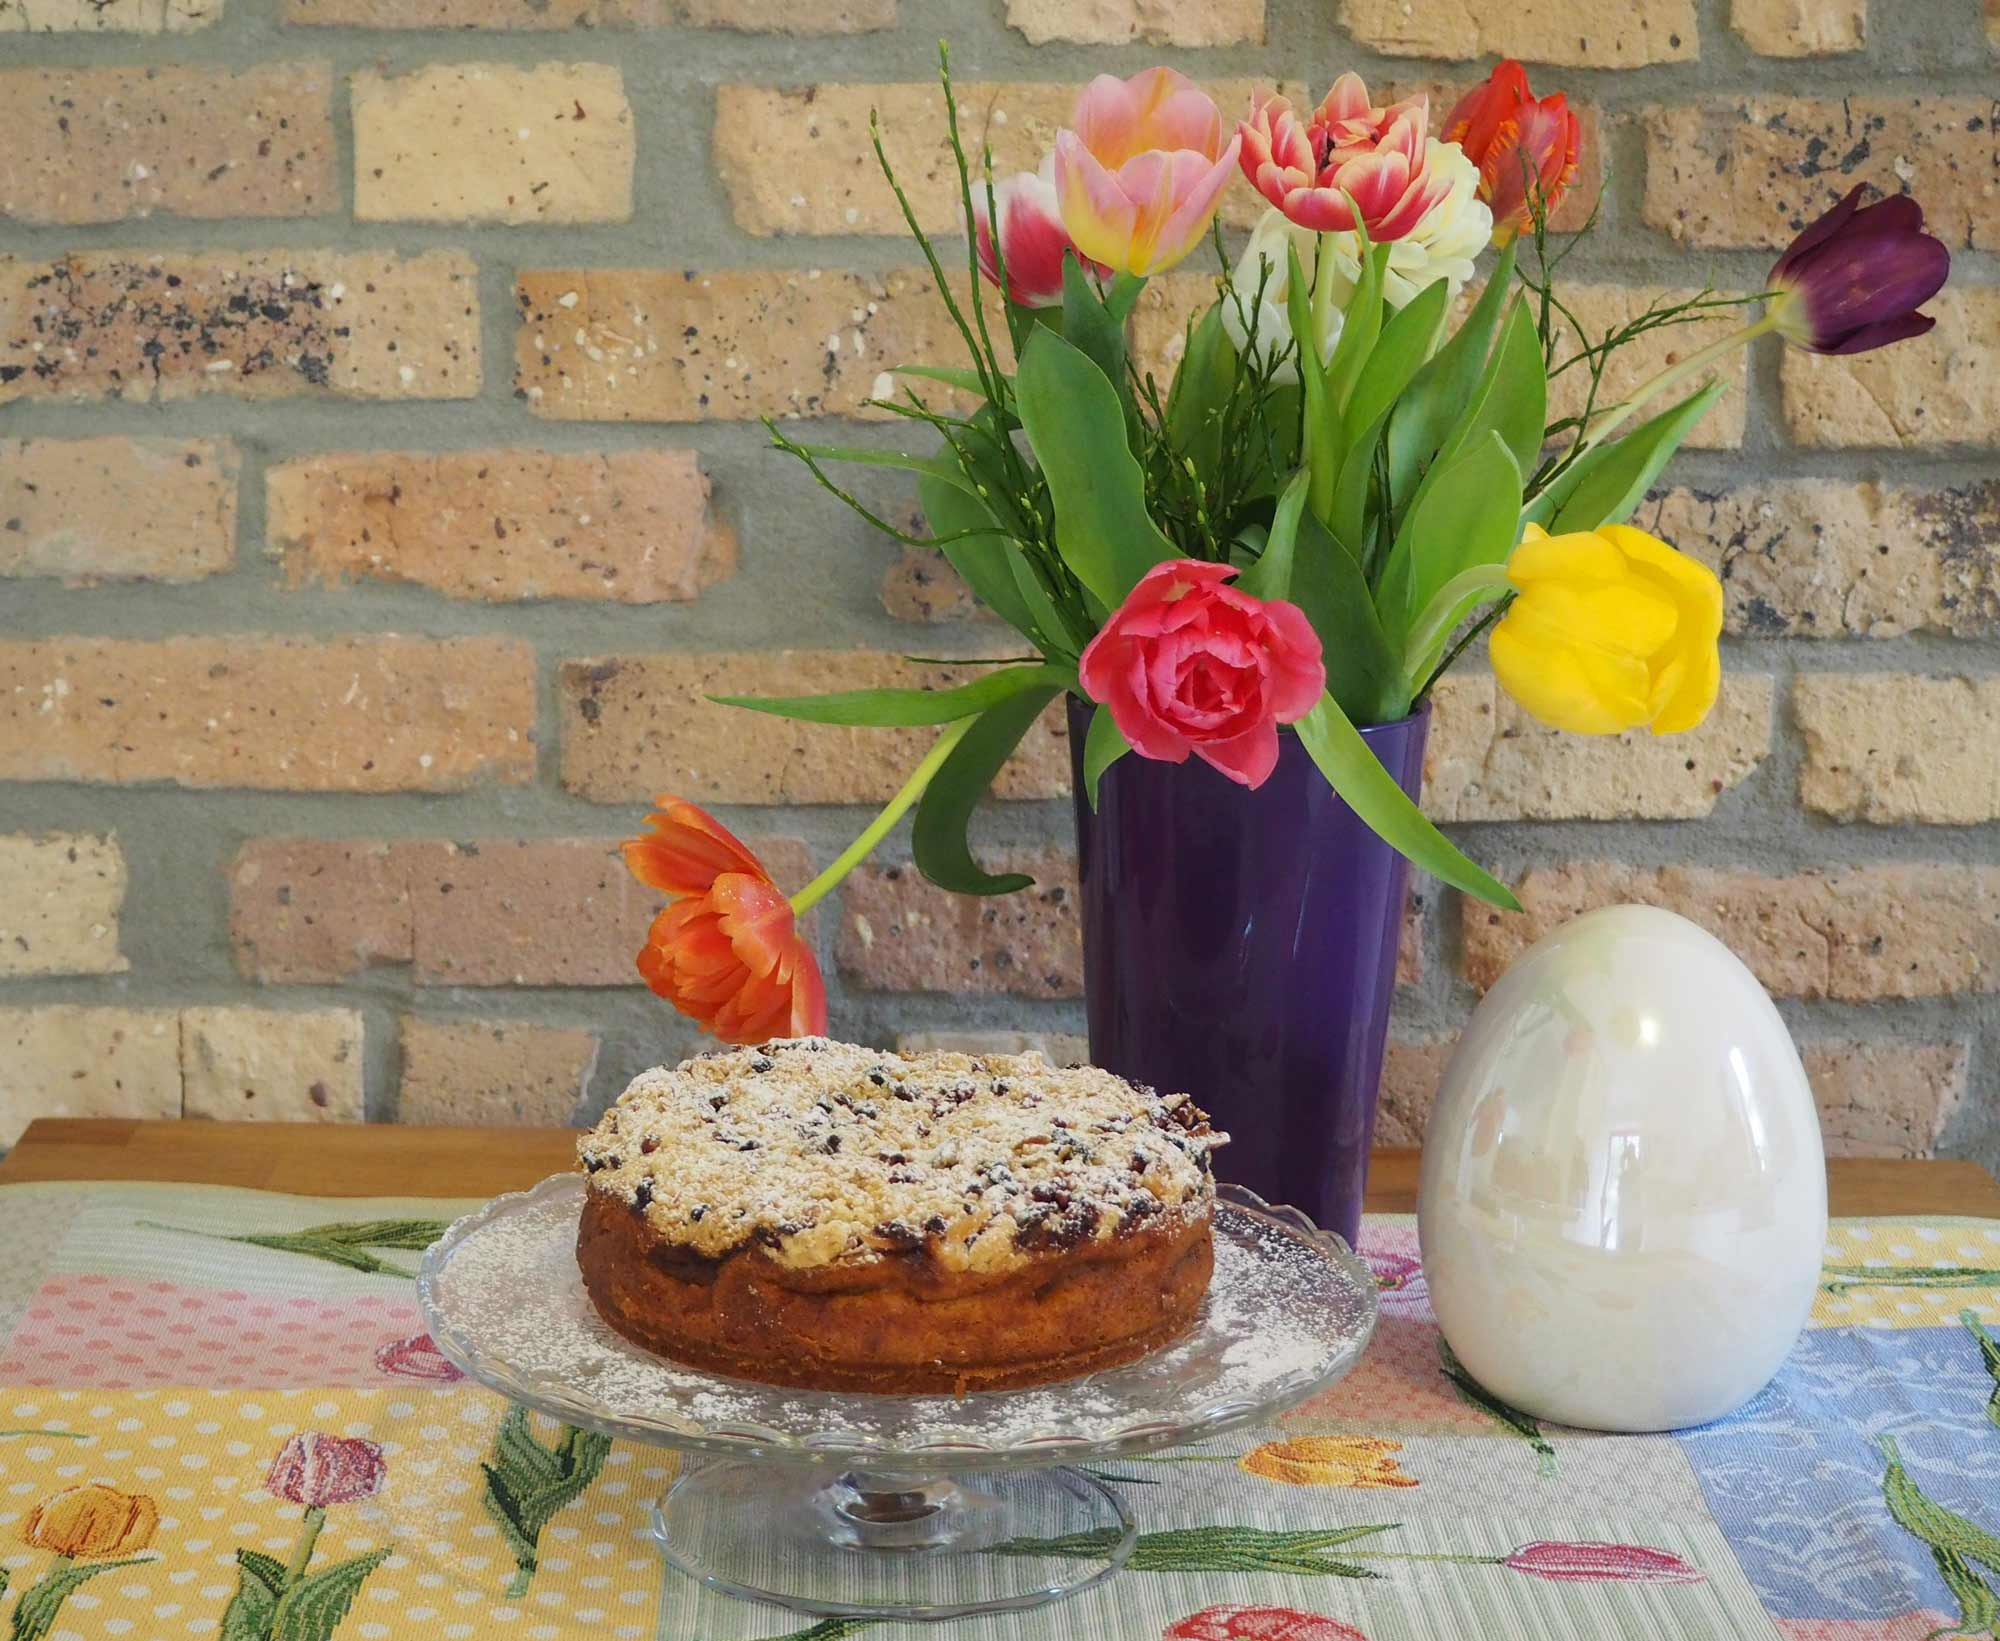 Apfelkuchen mit Tischdecke Tulpen